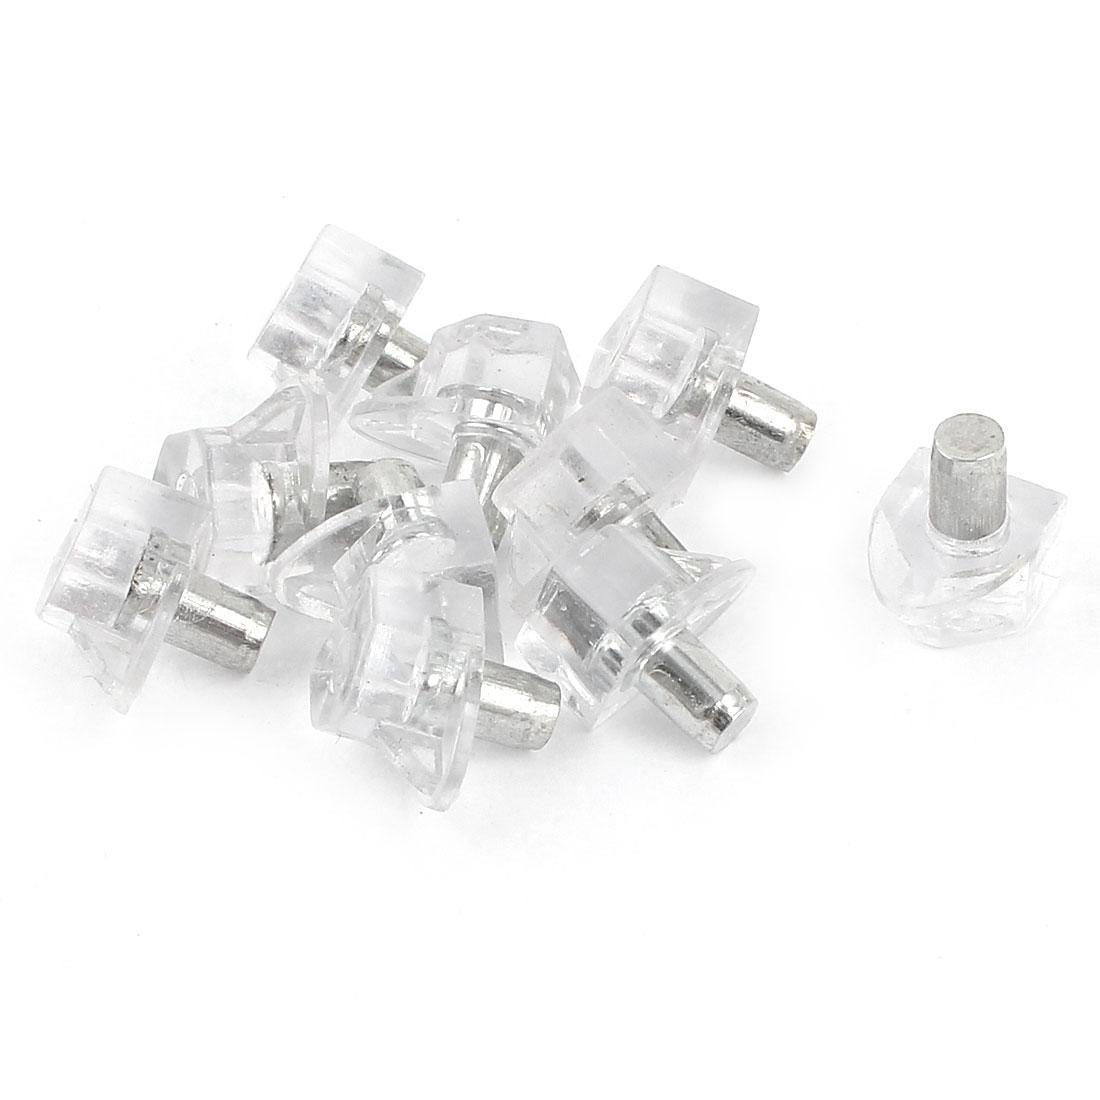 10 Pcs Transparent Shelf Support Holder Pin 5mm for Furniture Cabinet Shelves